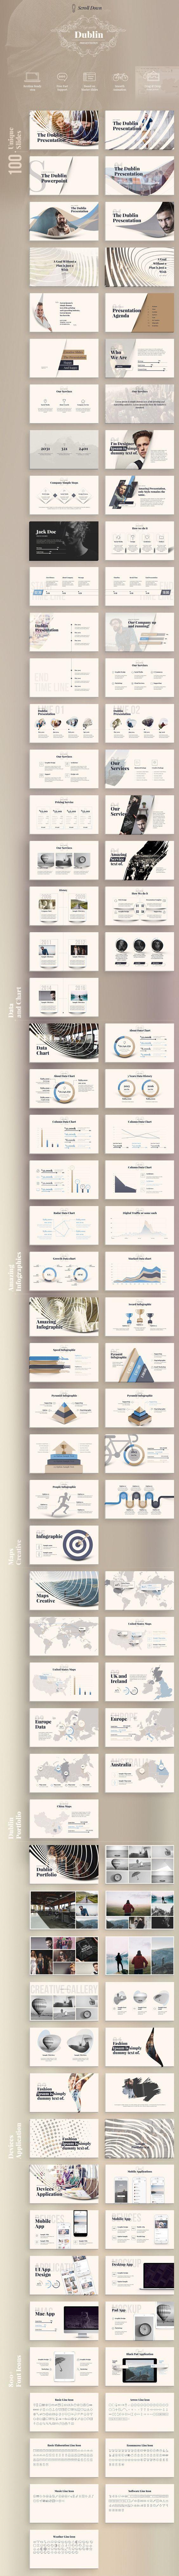 Dublin Powerpoint Presentation by dublin_design on @creativemarket: